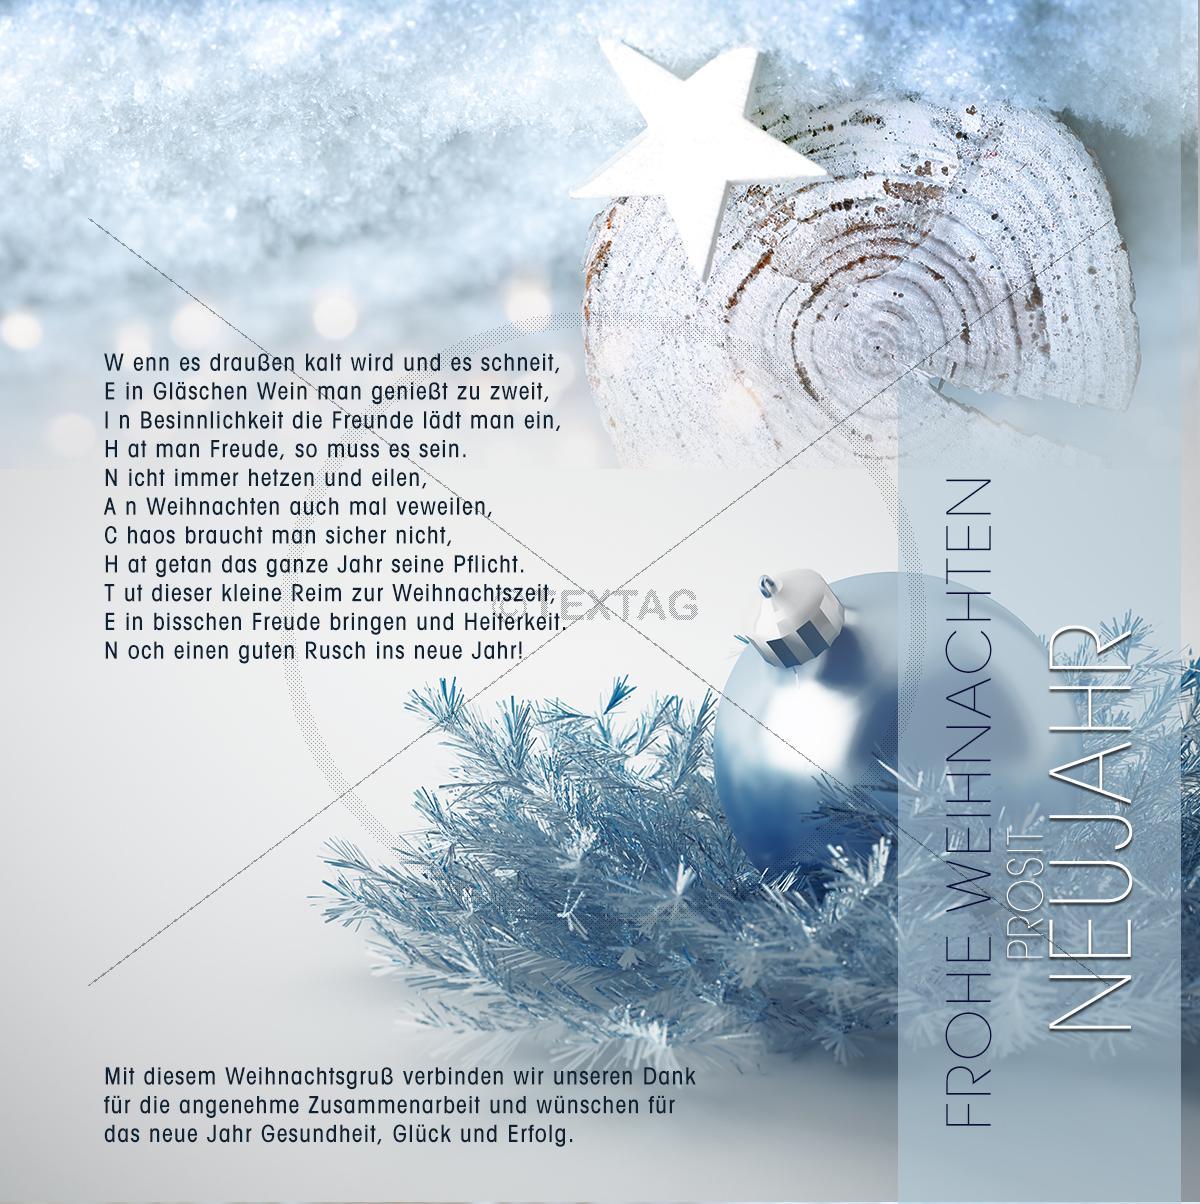 Relativ kreative Weihnachtsgrüße geschäftlich - ECard ohne Werbung mit Spruch WF59